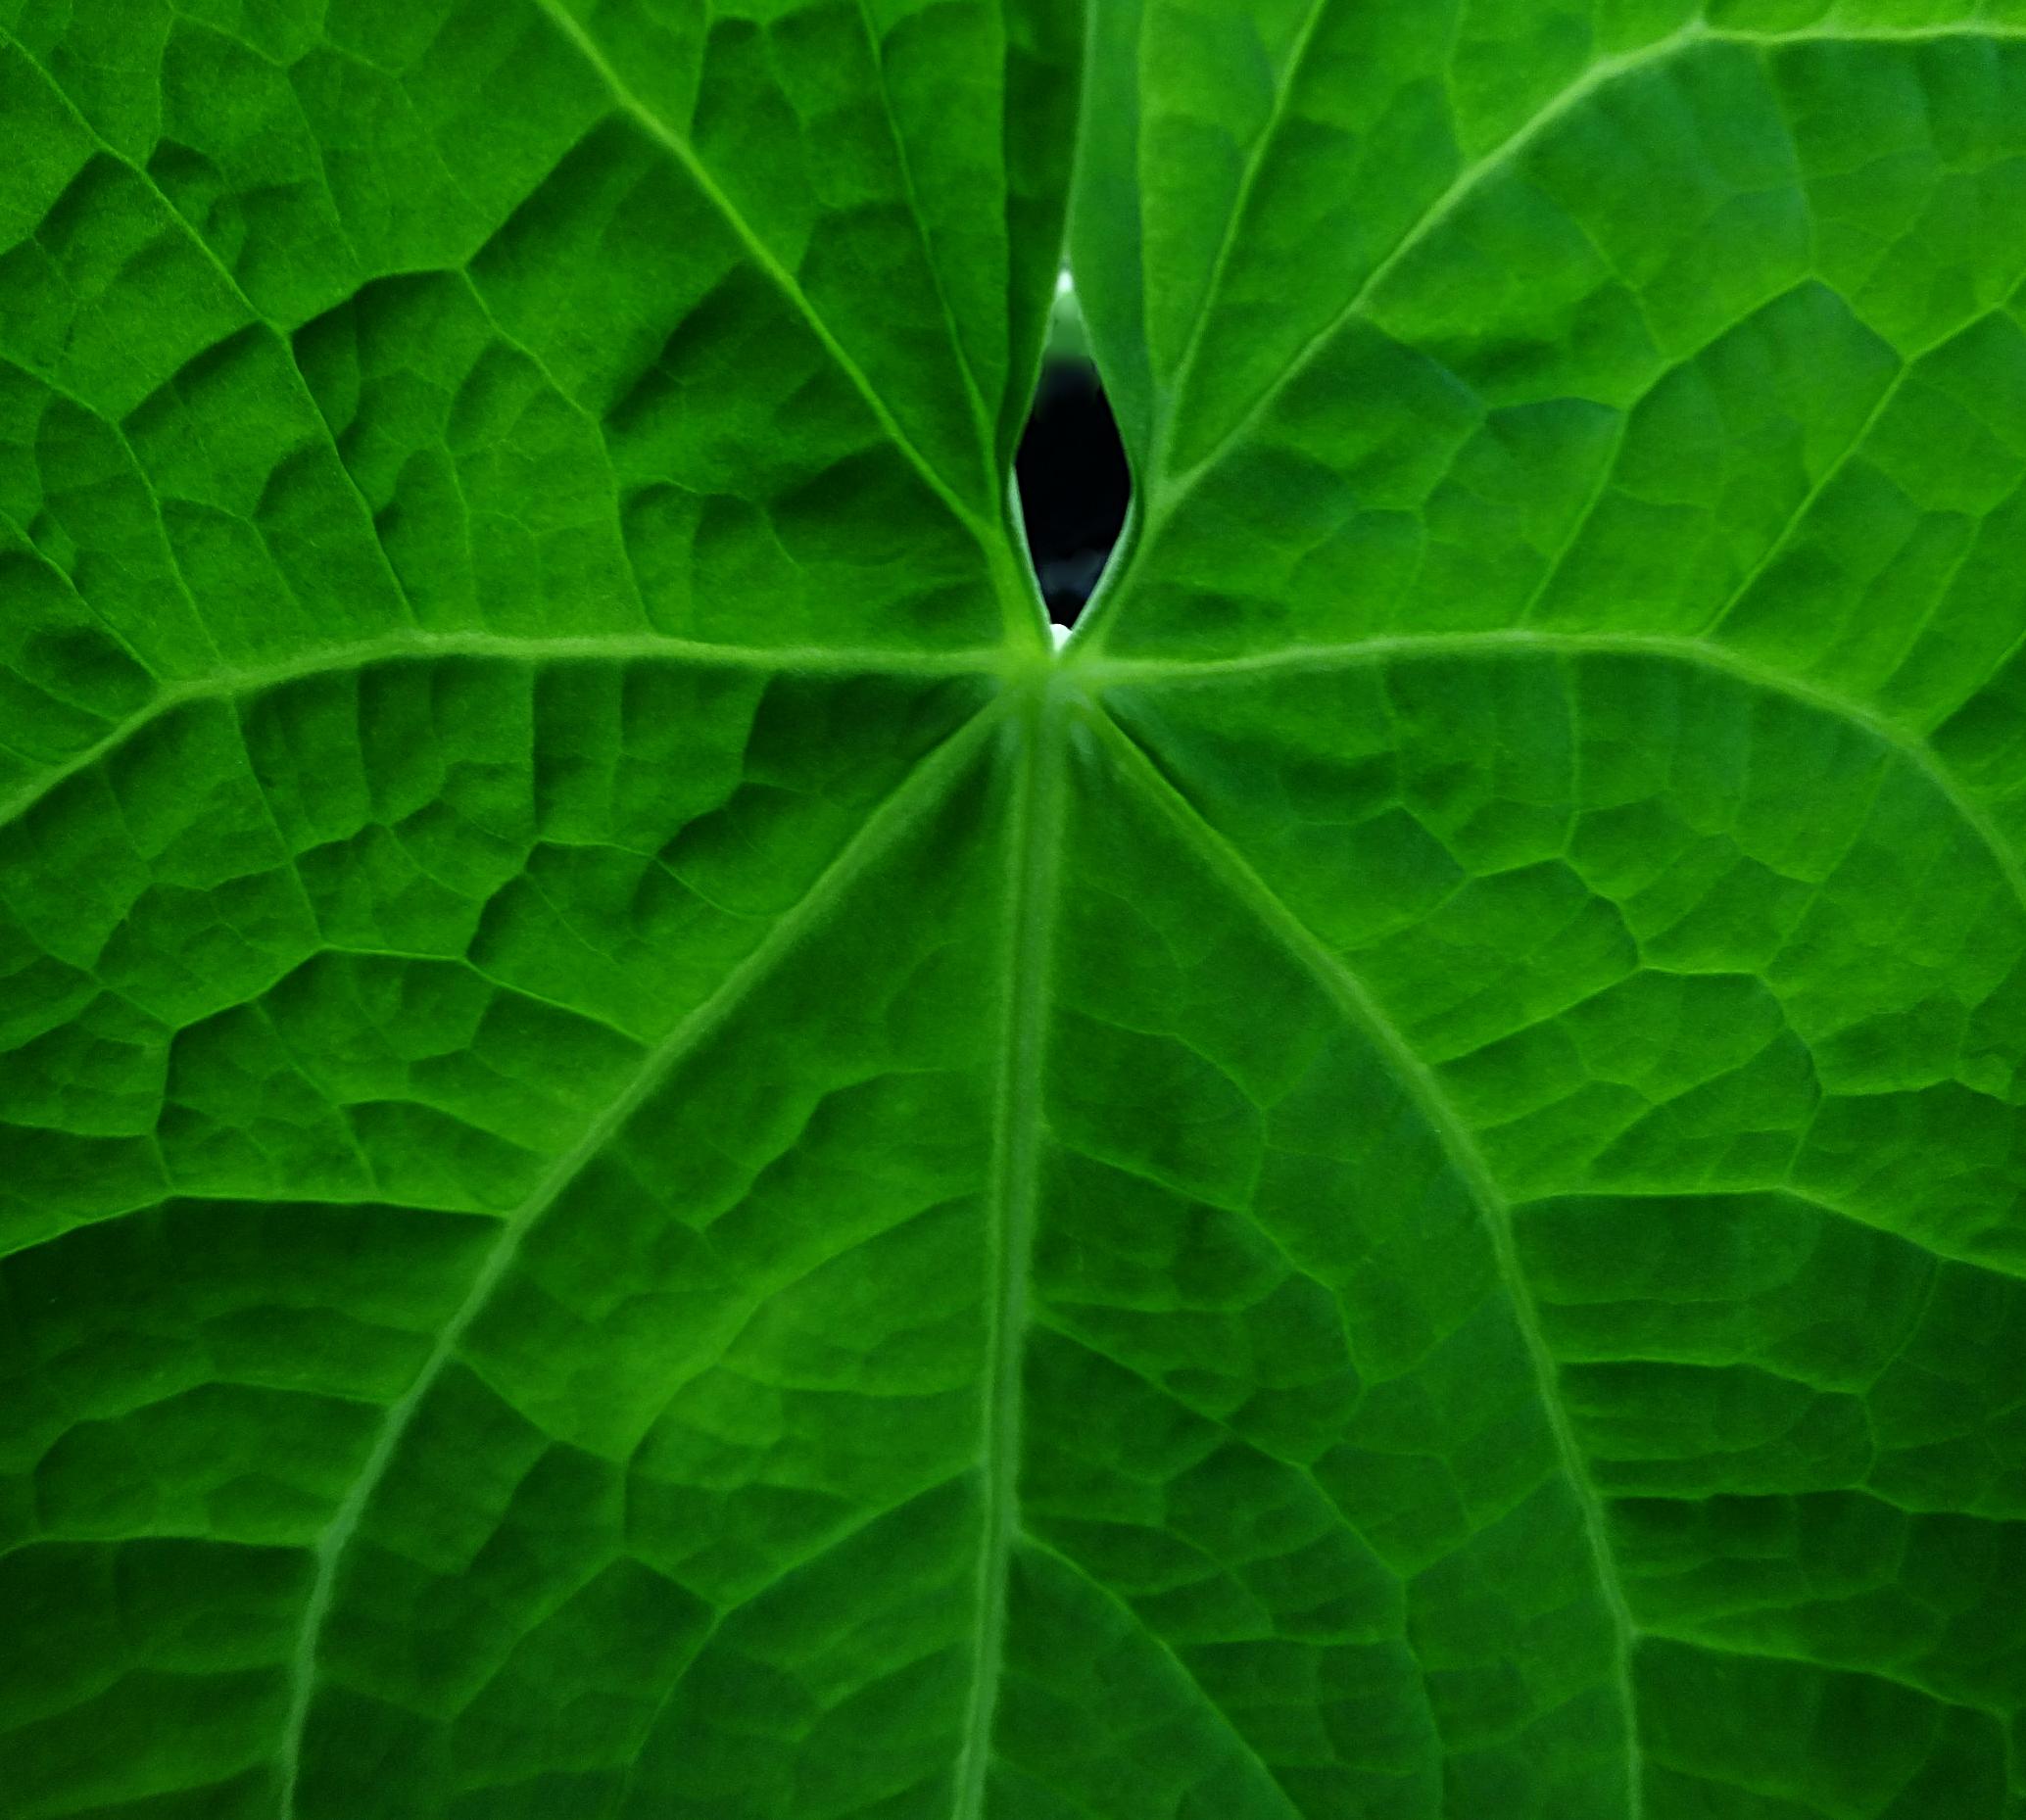 Anthurium rotolantei sp. ined.